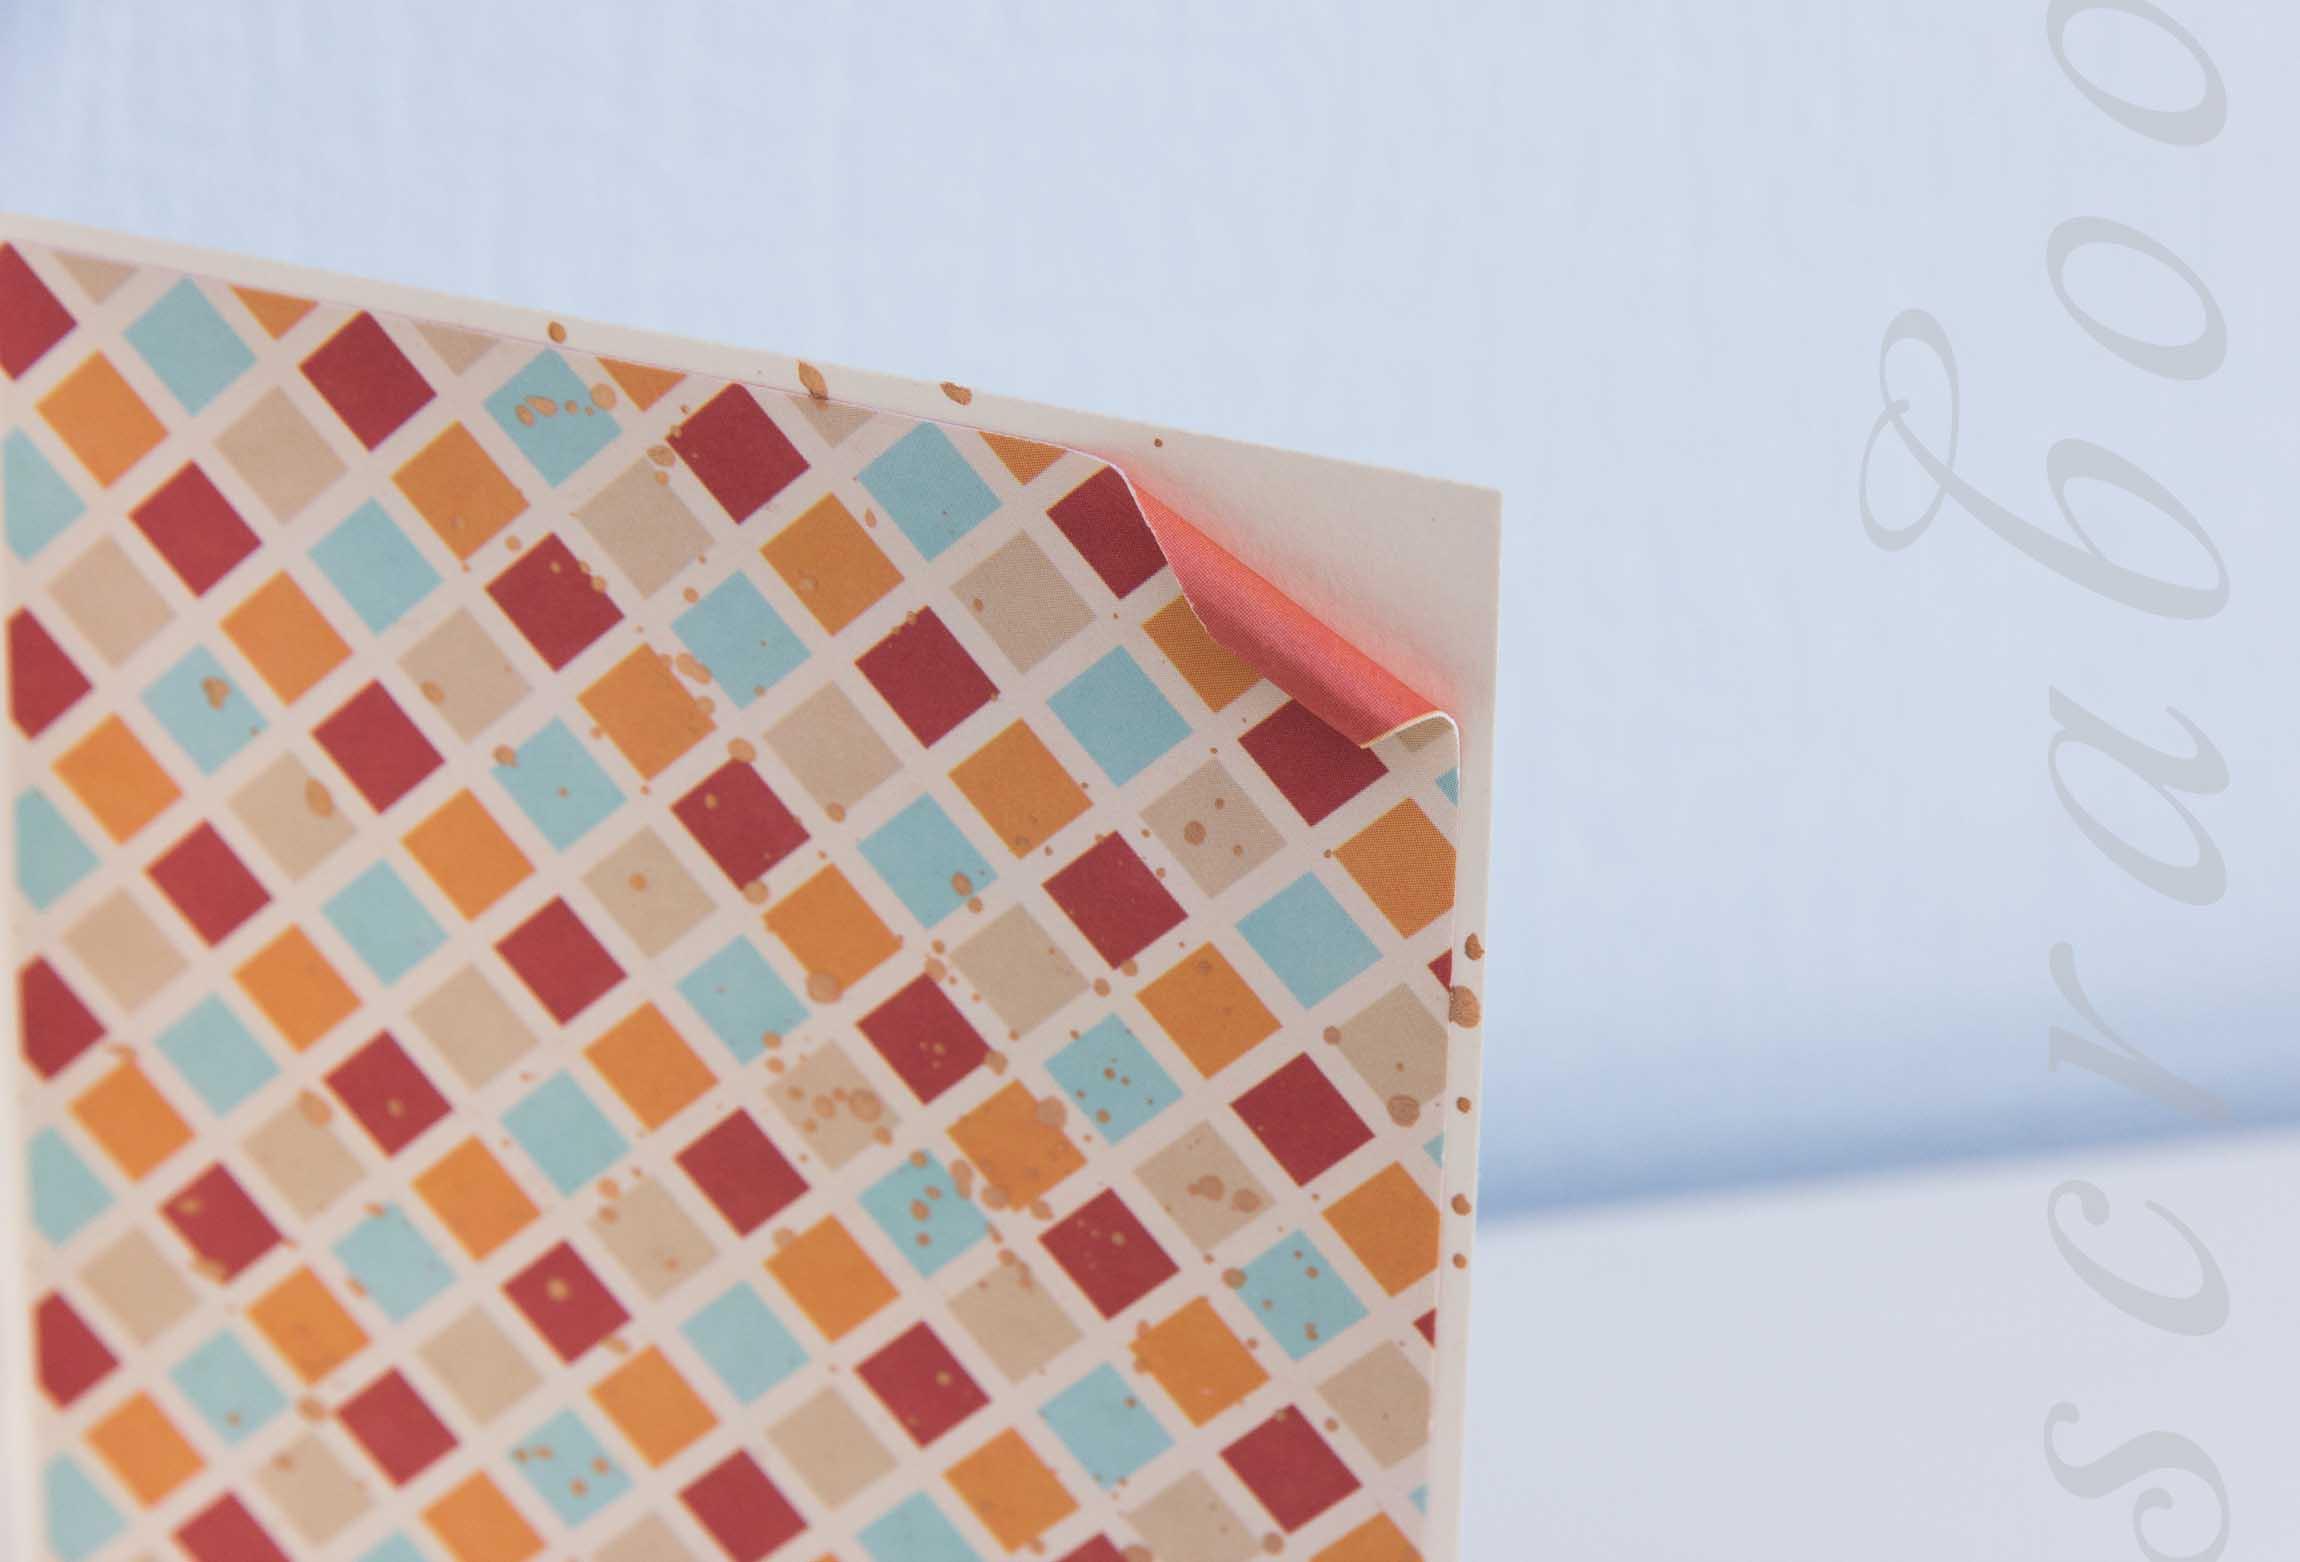 брызги на открытке